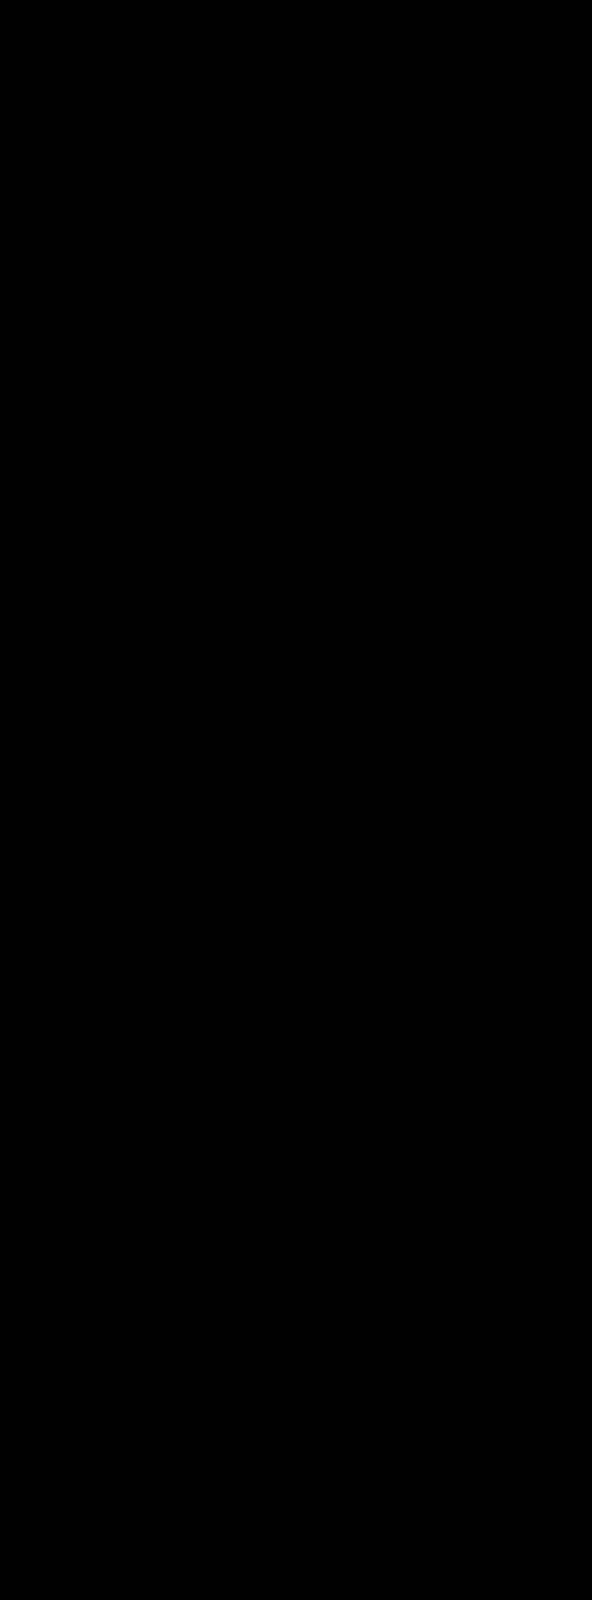 Rumus Invers Fungsi : rumus, invers, fungsi, Fungsi,, Komposisi, Fungsi, Invers, Rumah, Rumus, Pelajaran